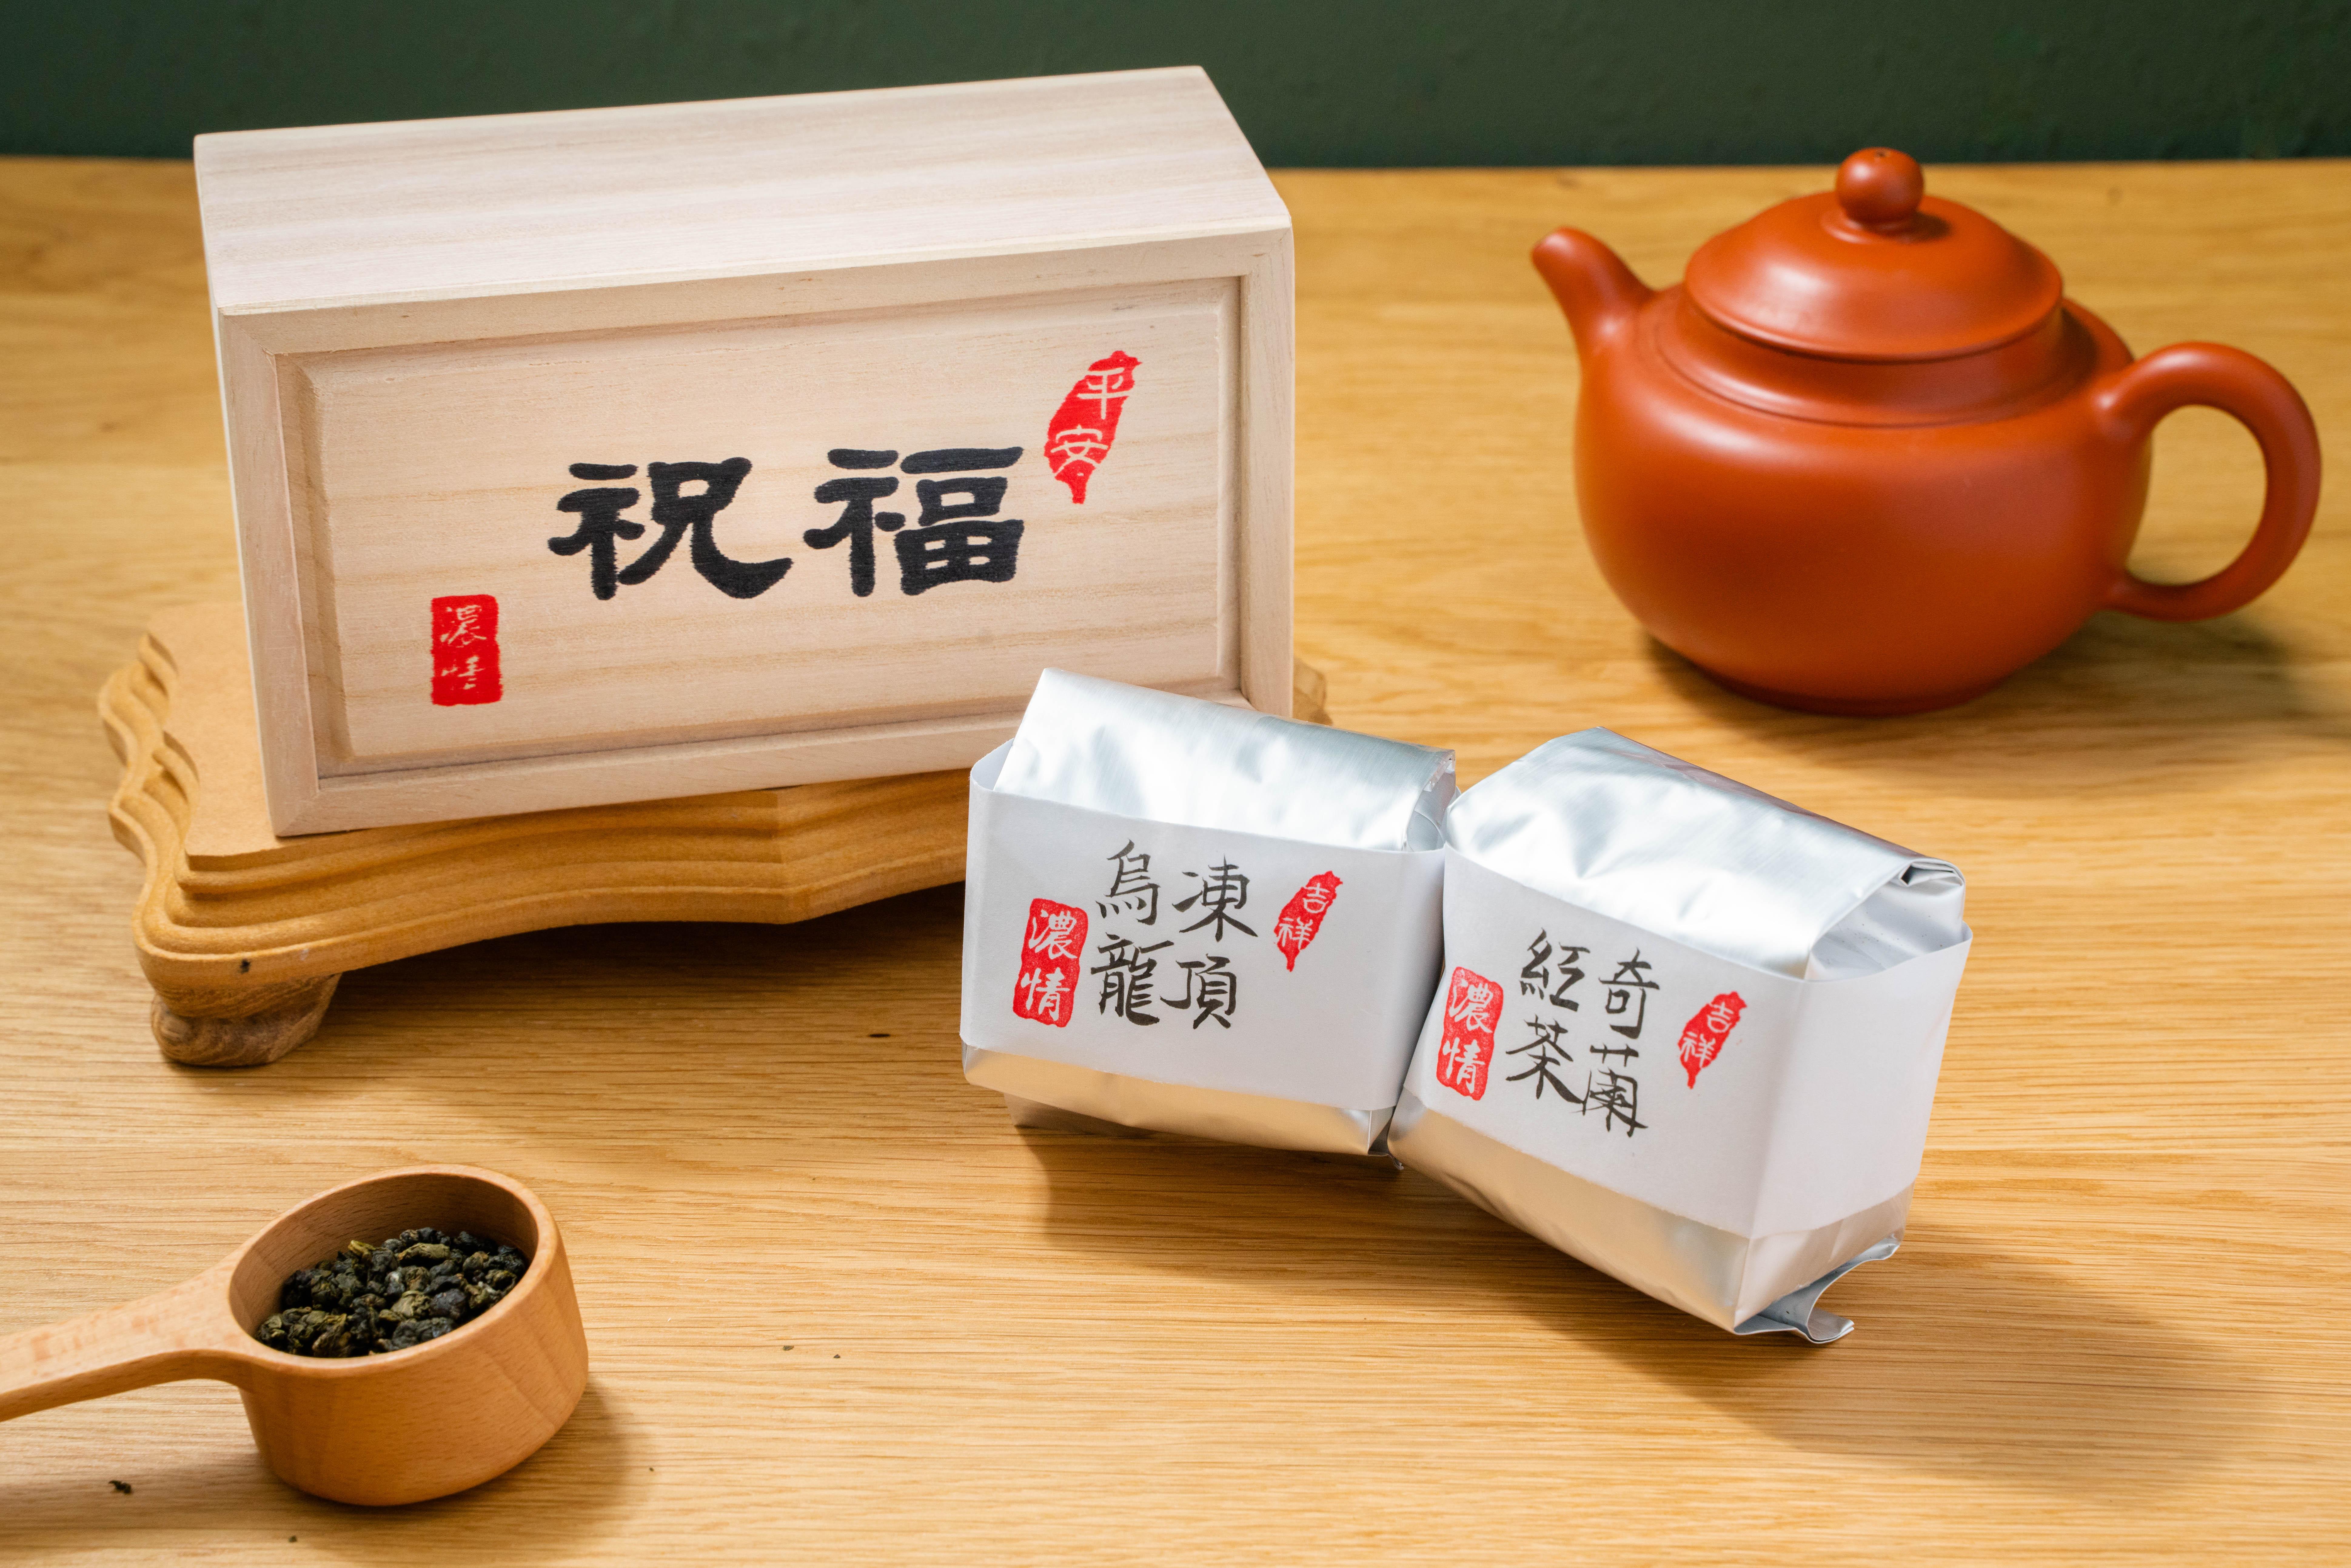 【可客製化】客客器器 祝福經典茶葉禮盒 - 2入組